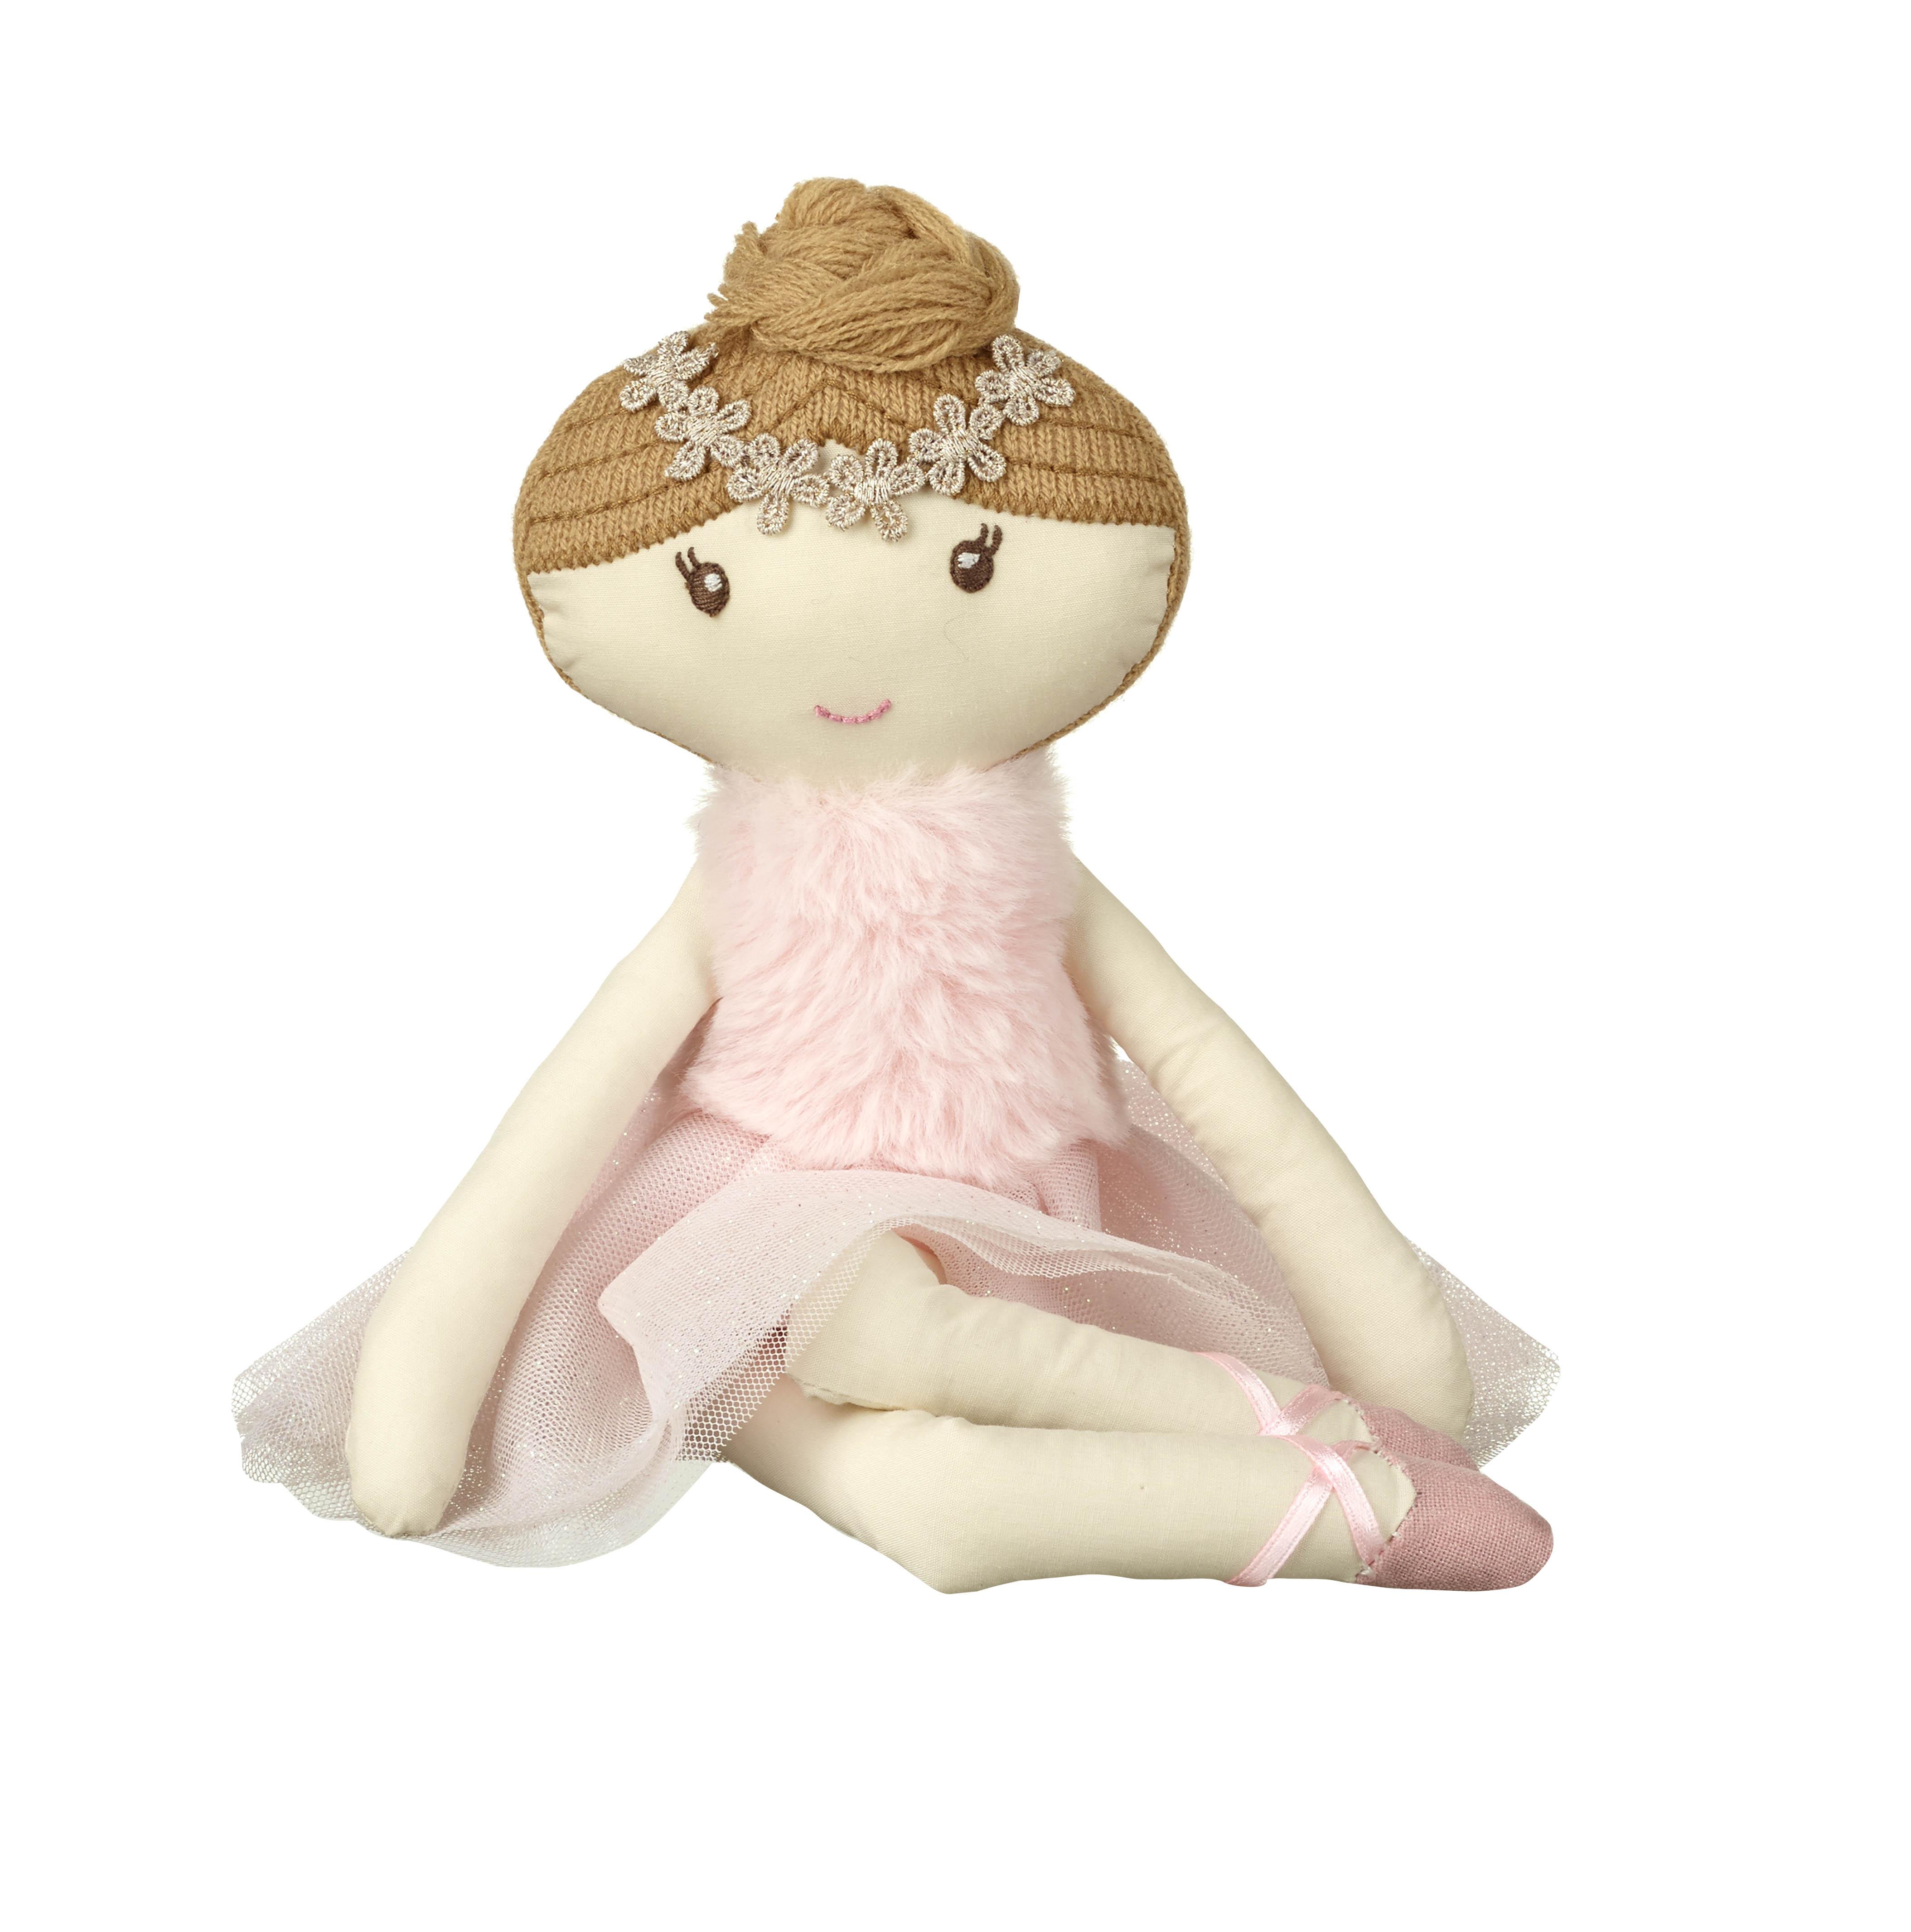 Детска мека кукла балерина - София от Orange Tree Toys - детска играчка за момичета - Bellamie